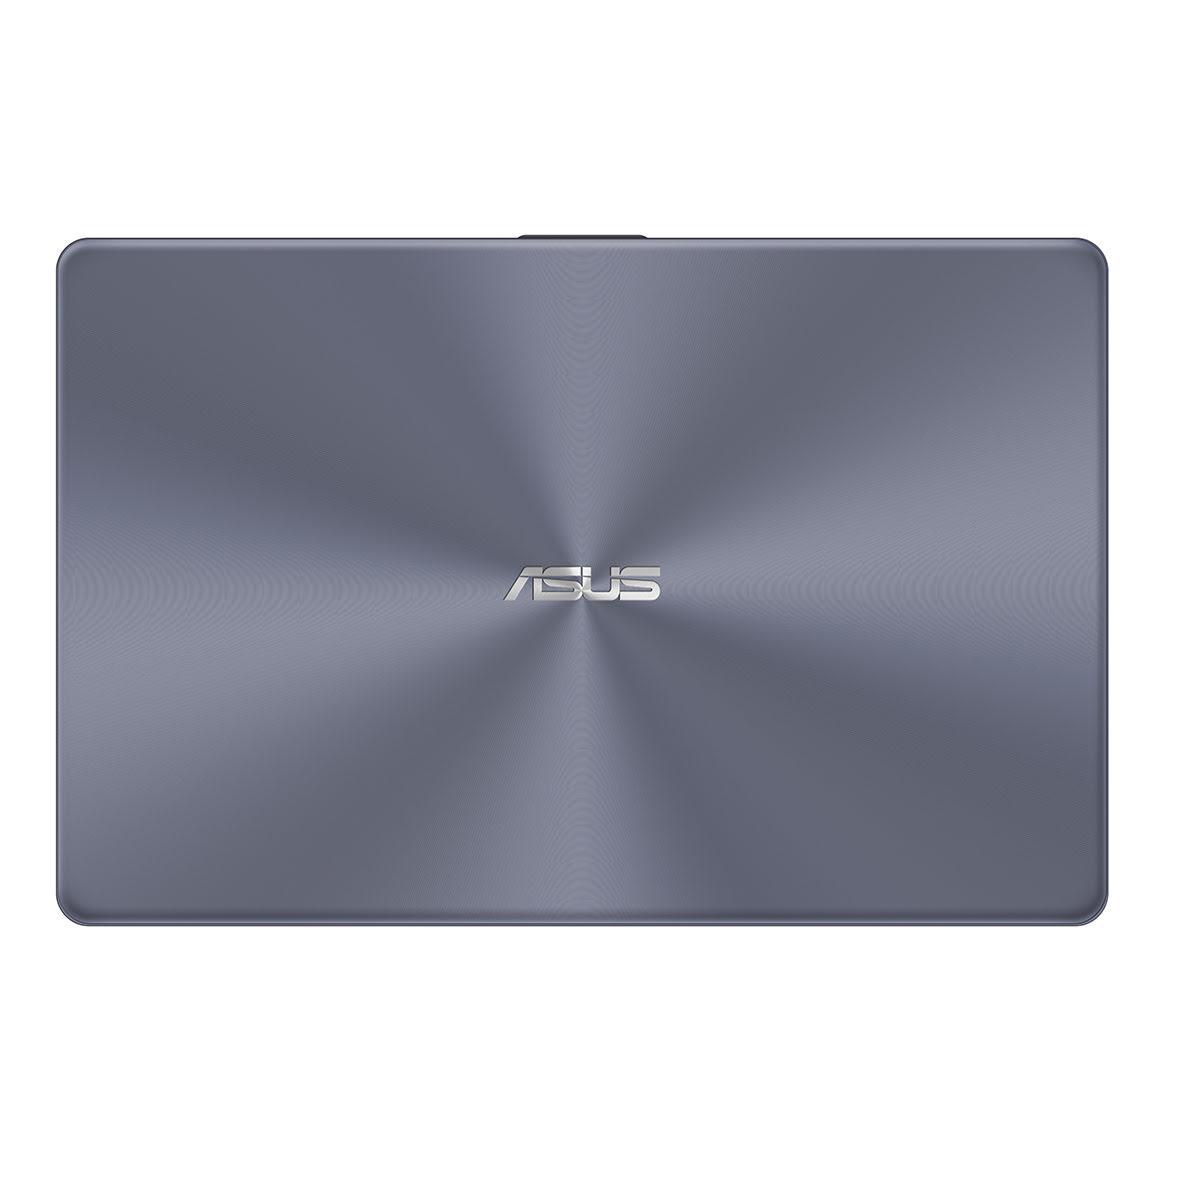 Asus 90NB0IJ2-M05960 - PC portable Asus - Cybertek.fr - 2